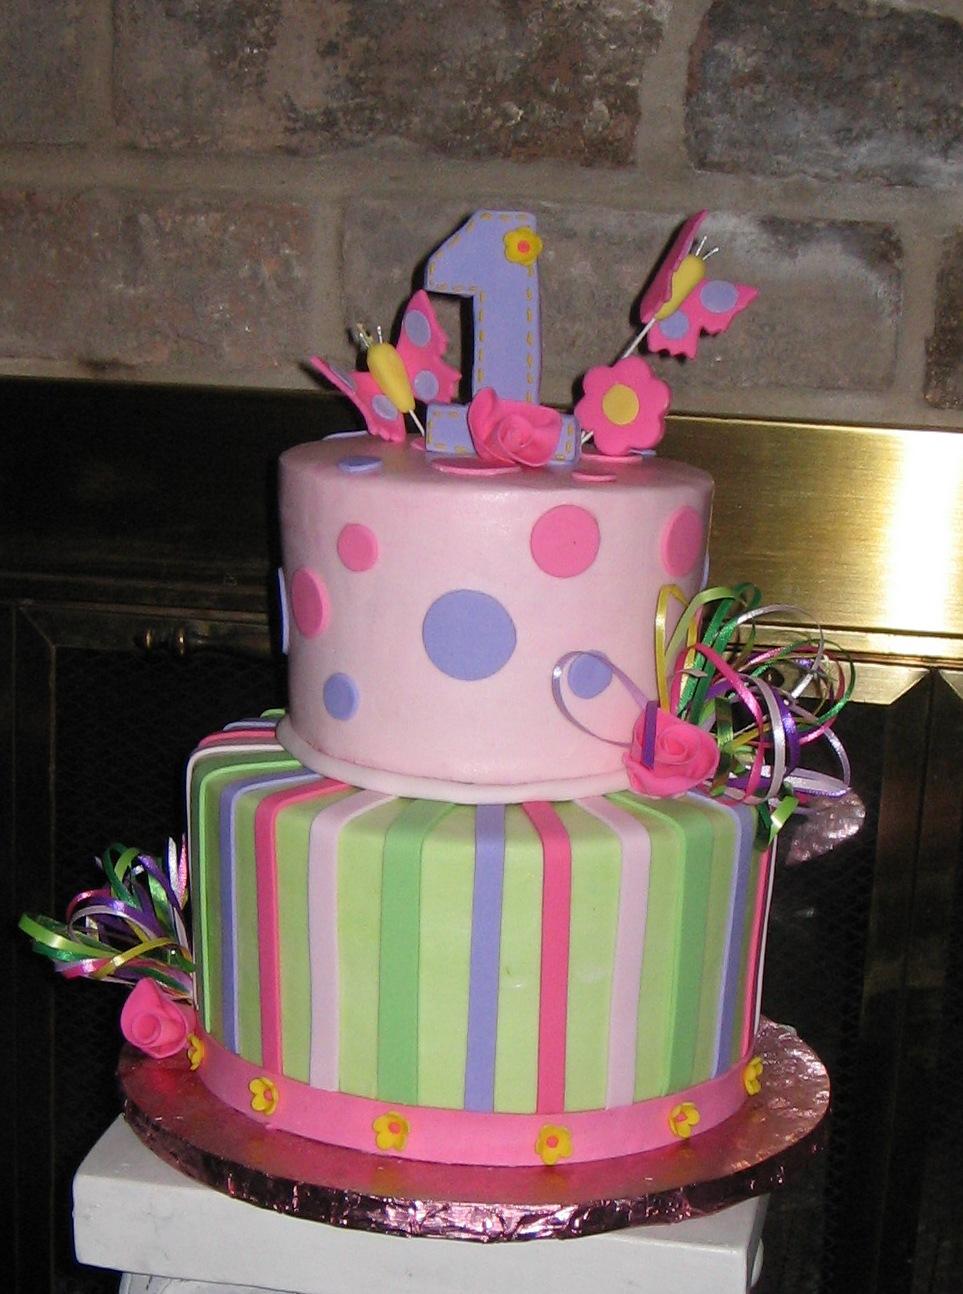 Girly 1st birthday 2 tier